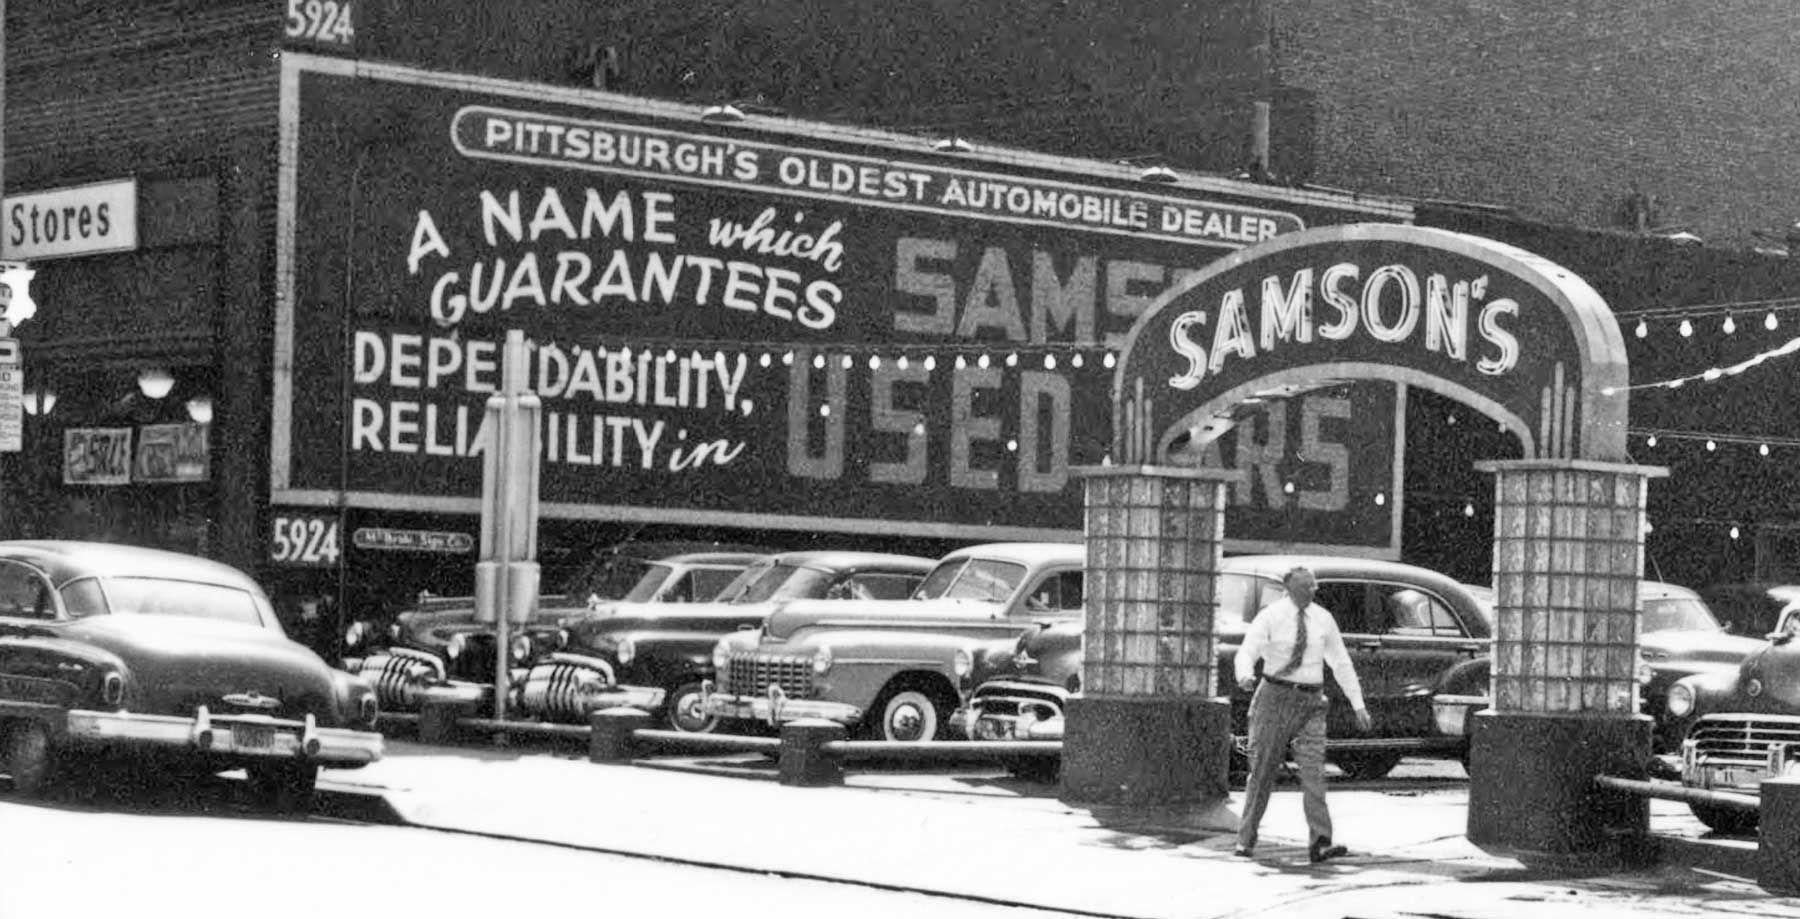 SamsonsUsedCars1940s6.jpg